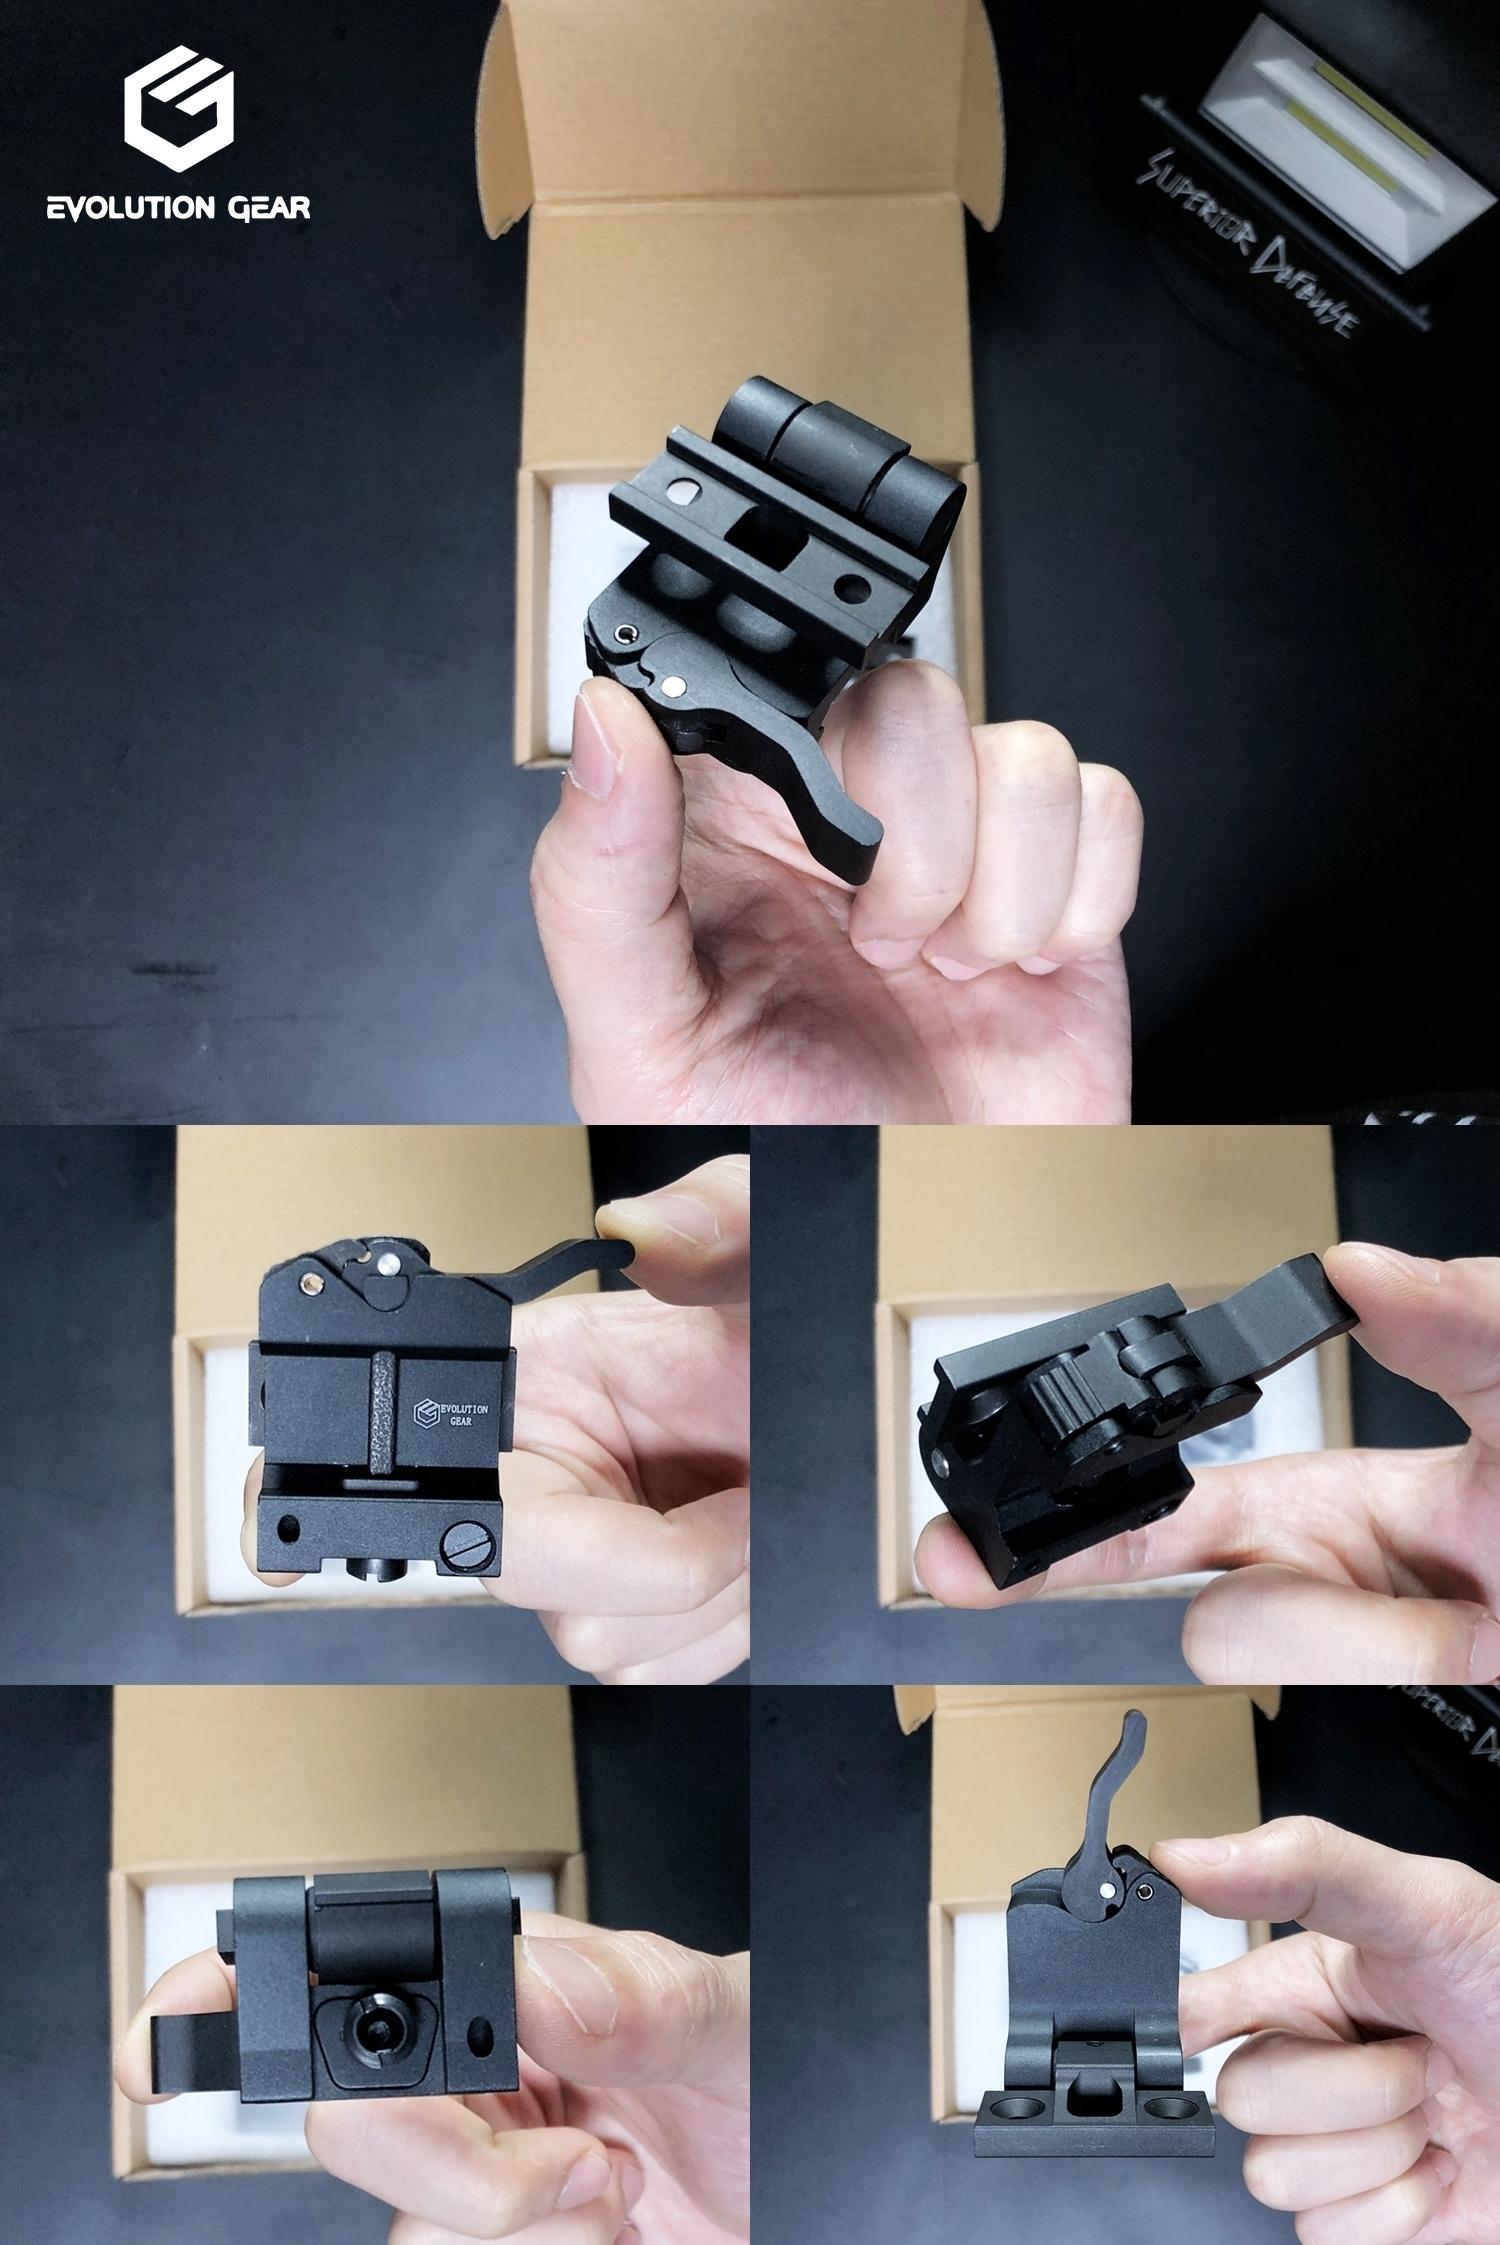 2 EVOLUTION GEAR EOTech G33 MAGNIFIER!! エボギア 3倍 ブースター マグニファイア買ってみた!! 高品質6枚レンズの実力は如何に! 開封 検証 取付 レビュー!! したるの巻!!